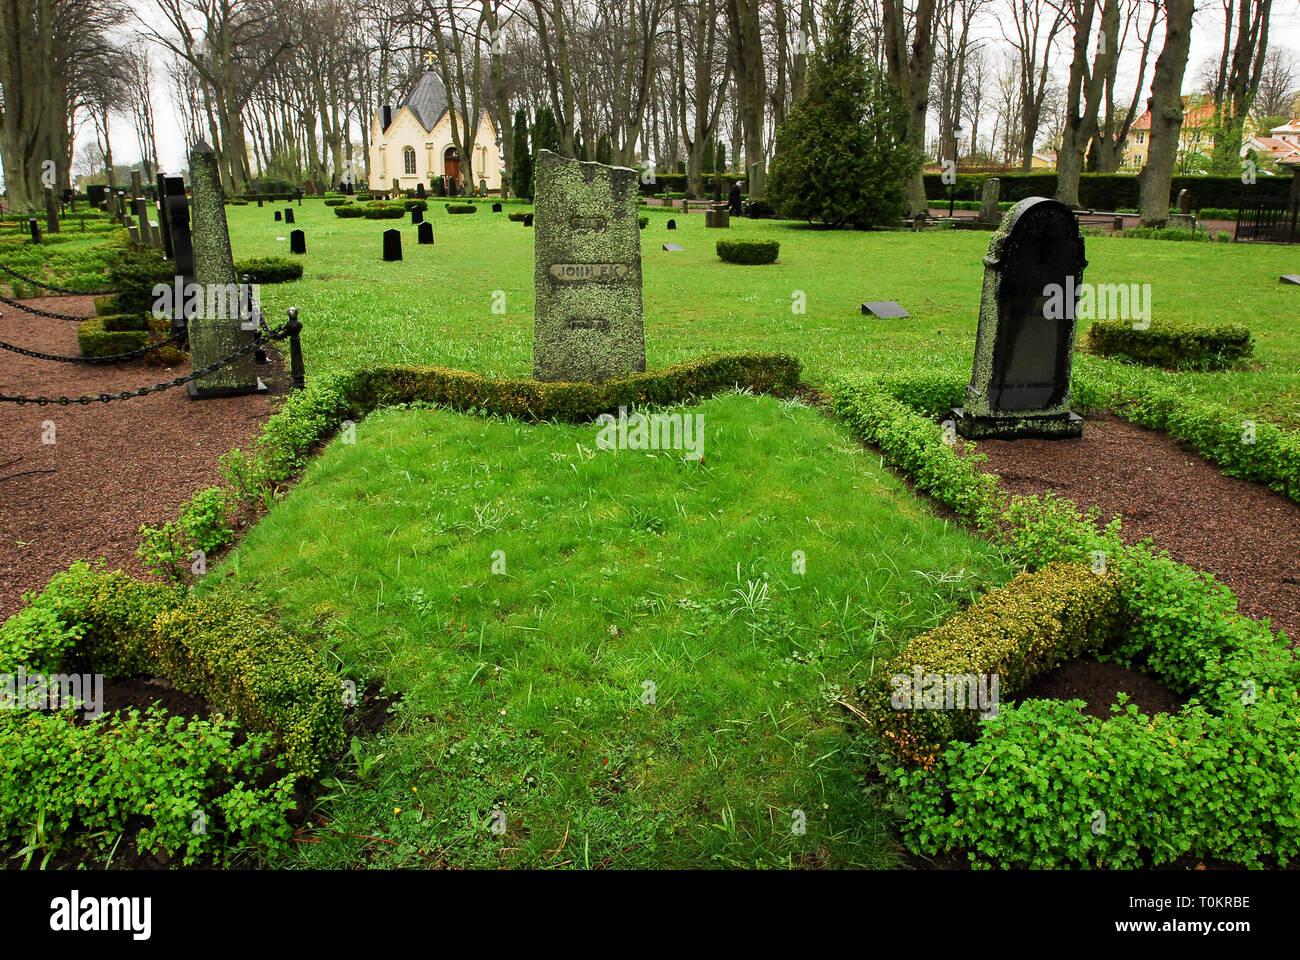 Old Cemetery in Kalmar, Kalmar County, Sweden. May 2nd 2008 © Wojciech Strozyk / Alamy Stock Photo - Stock Image